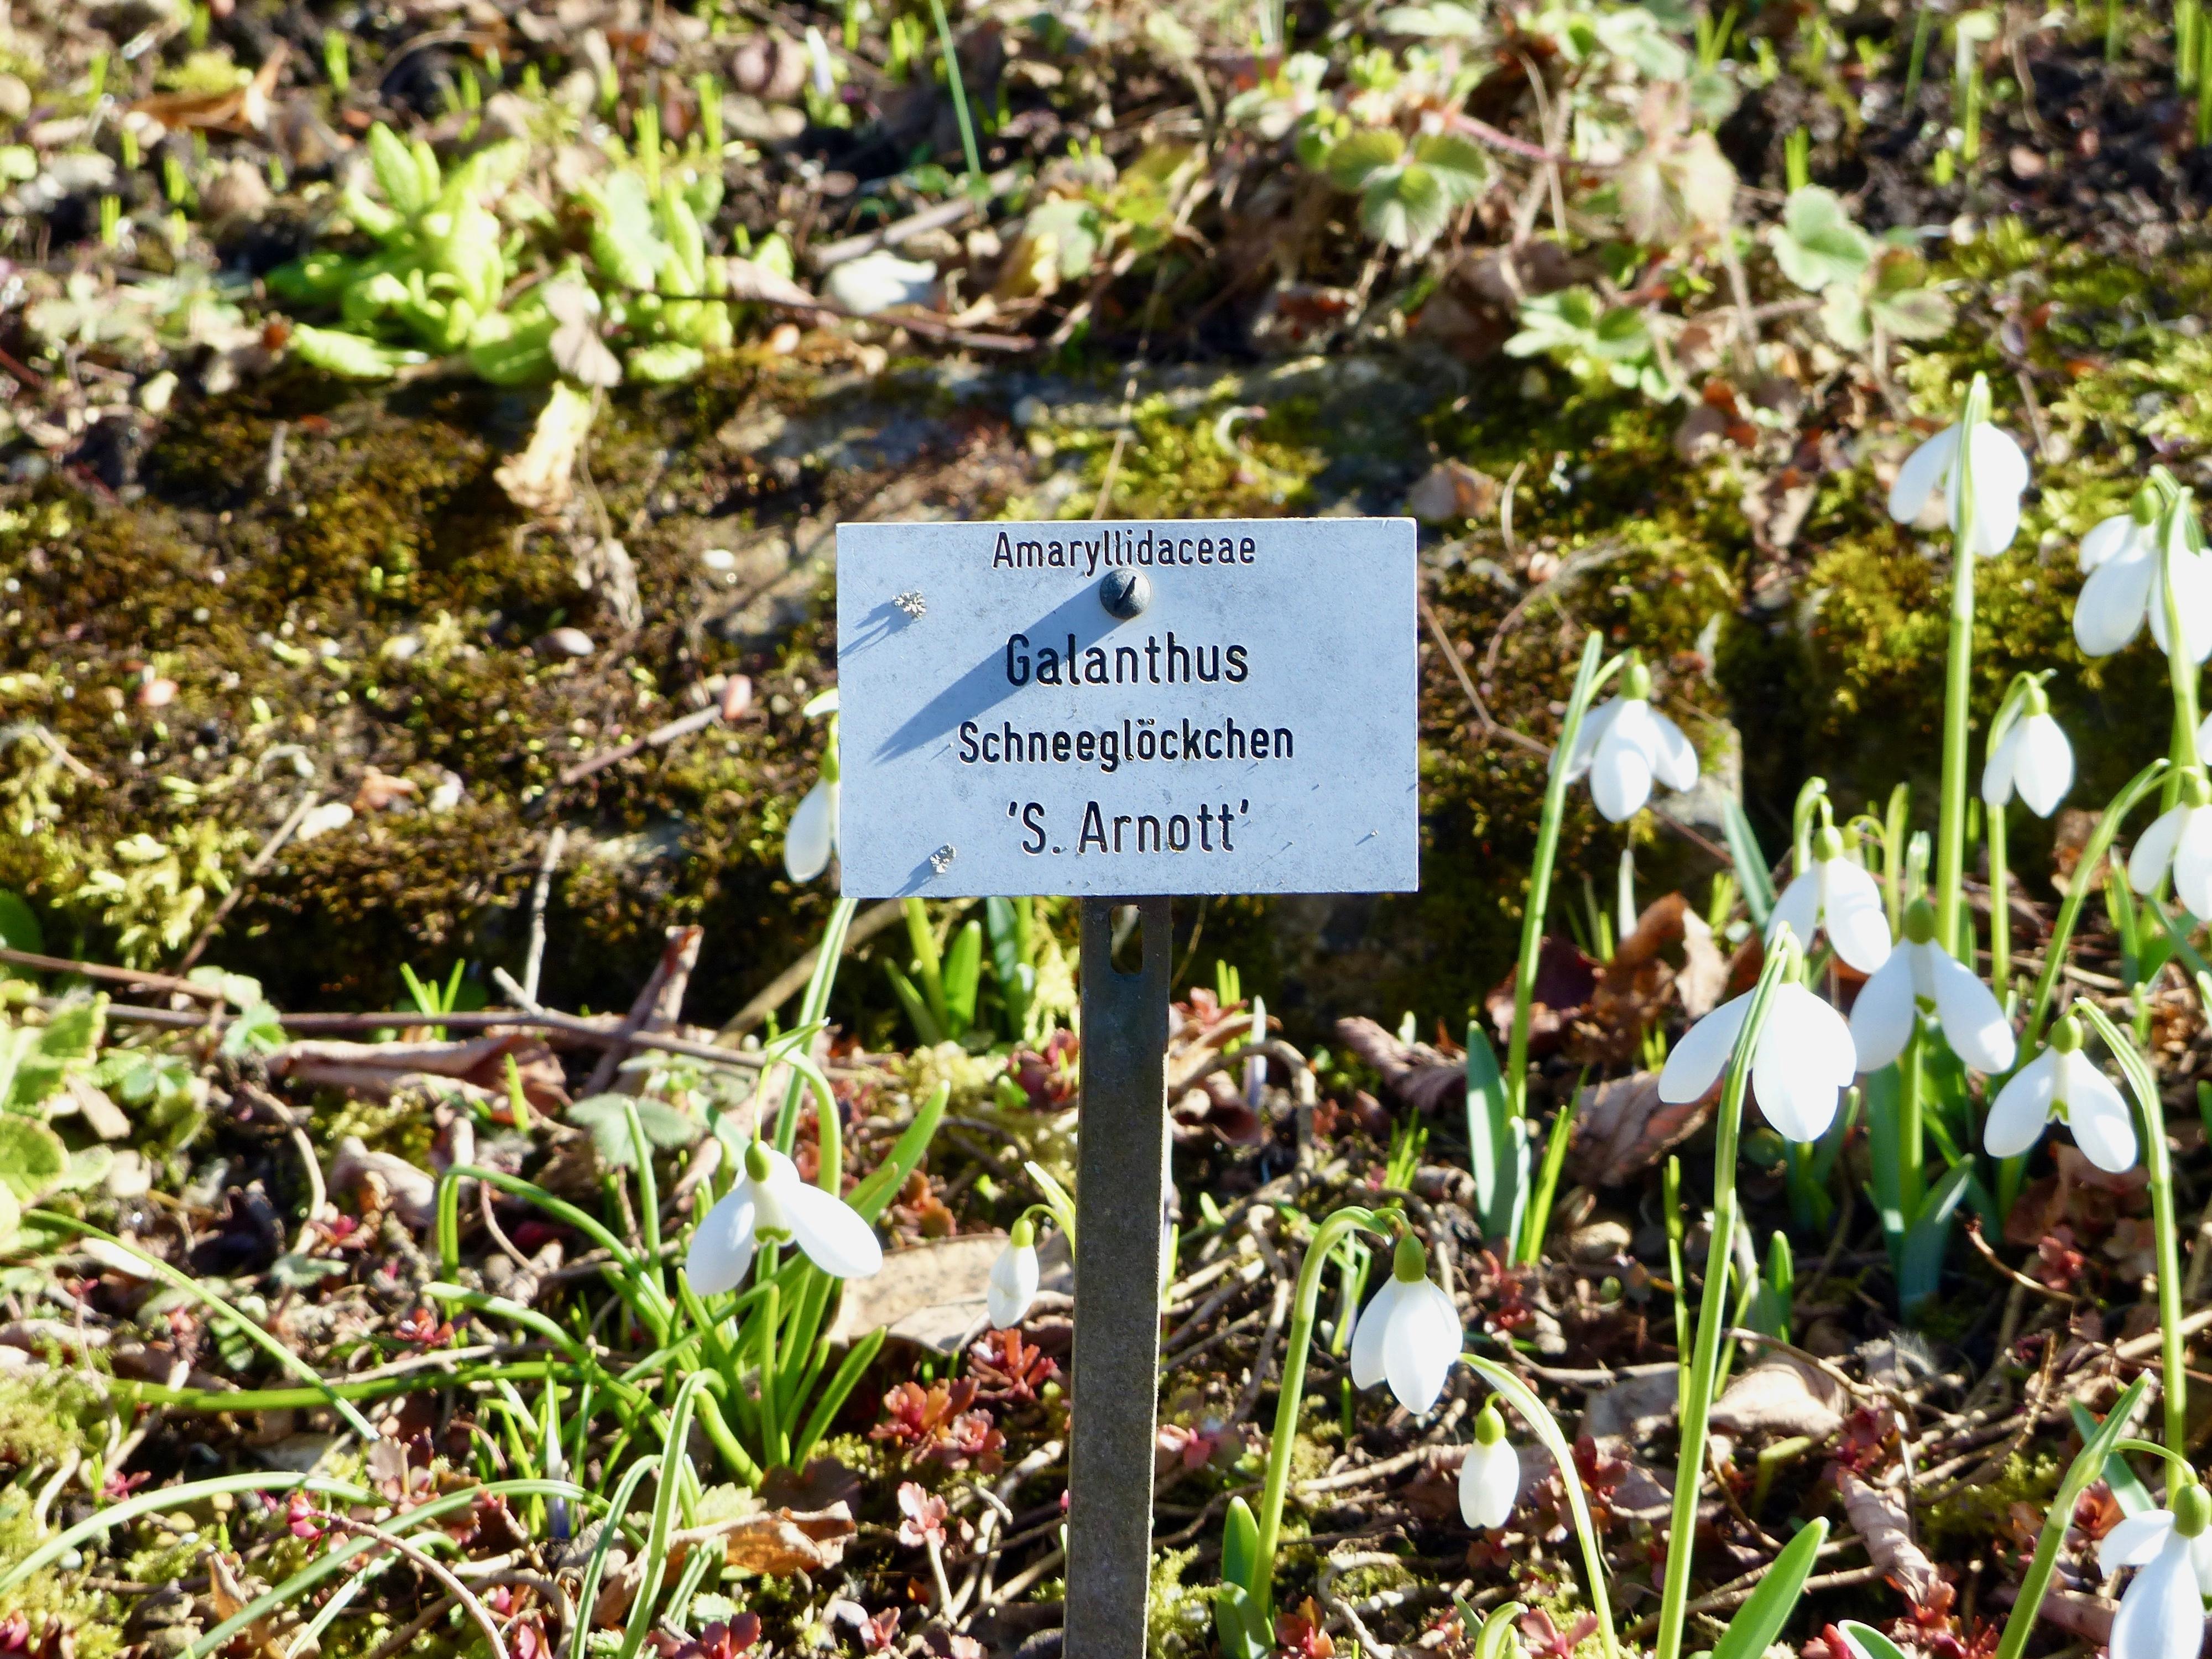 Filebotanischer Garten München Nymphenburg 2017 17jpg Wikimedia